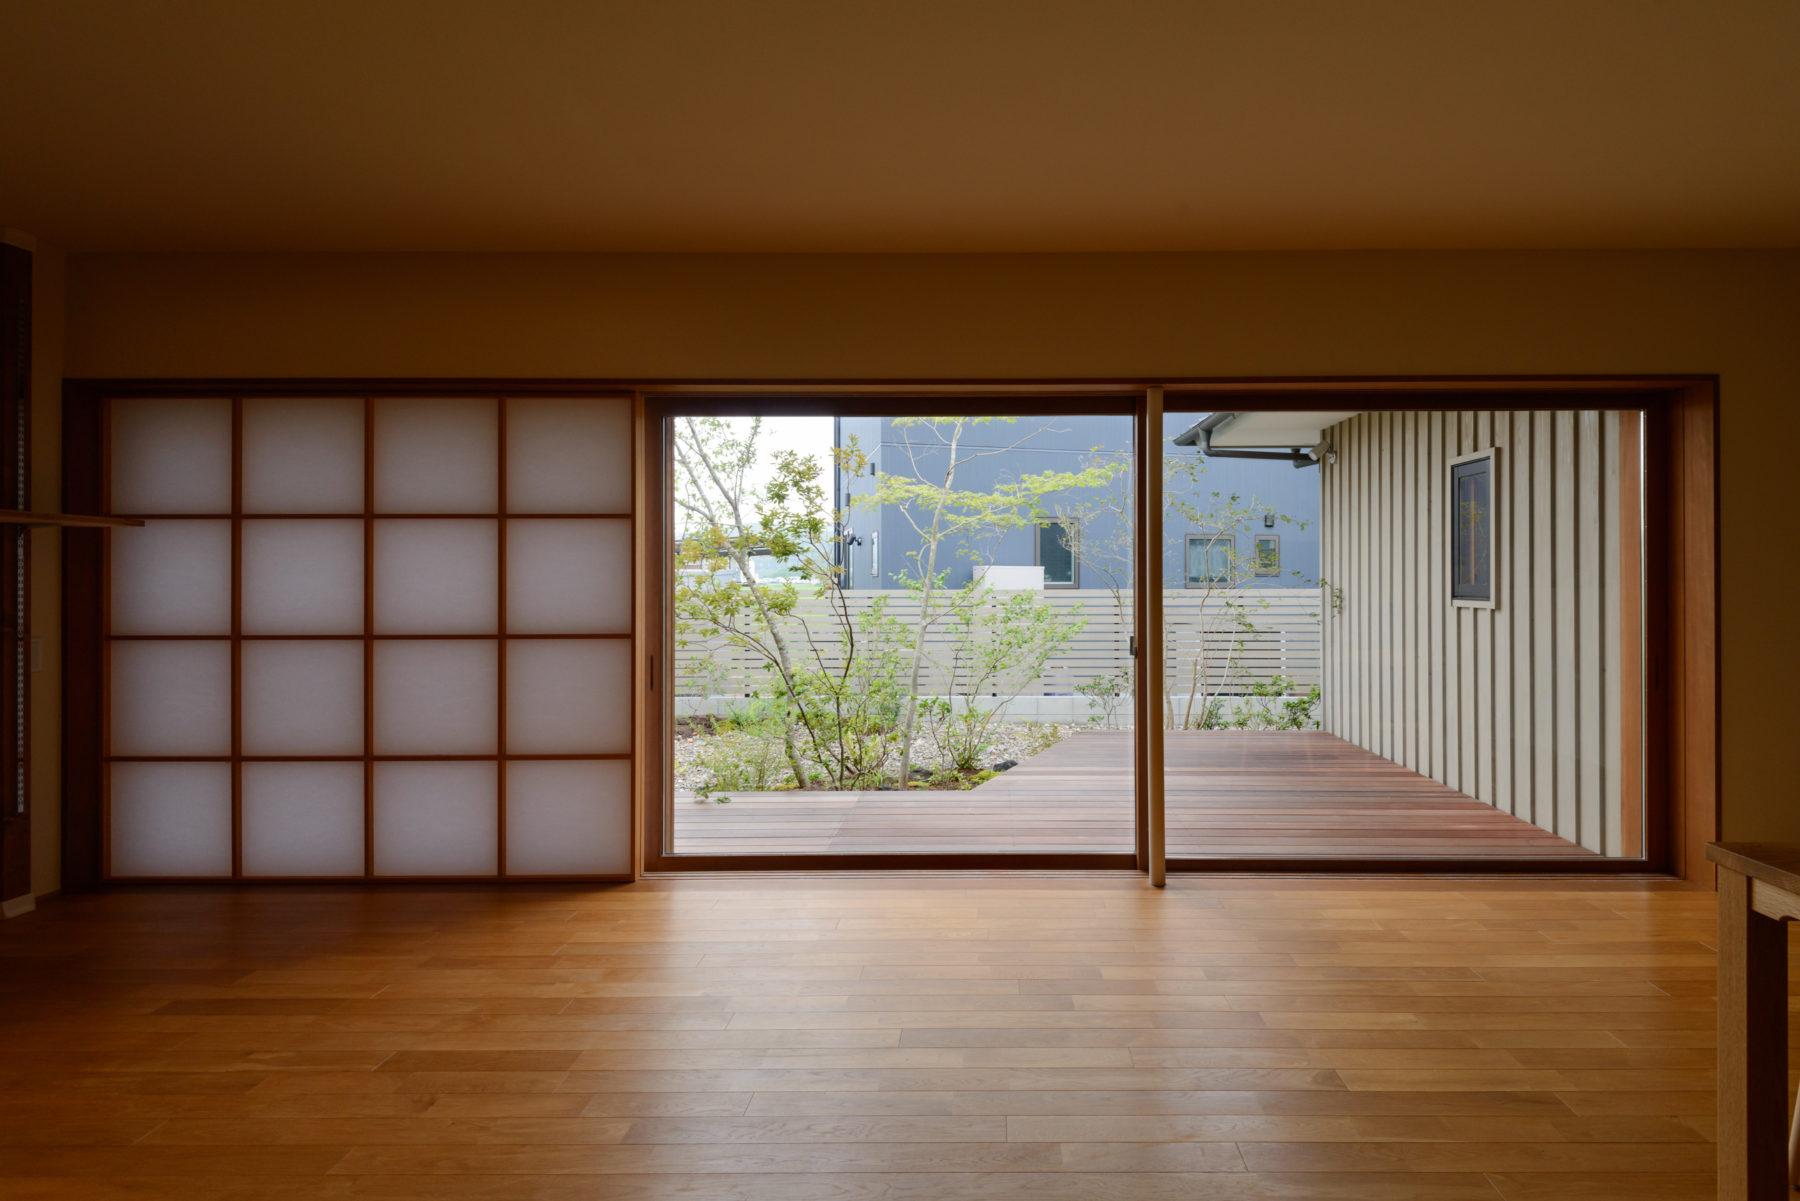 L型平面を持つ端正な平屋建て 撫川の家